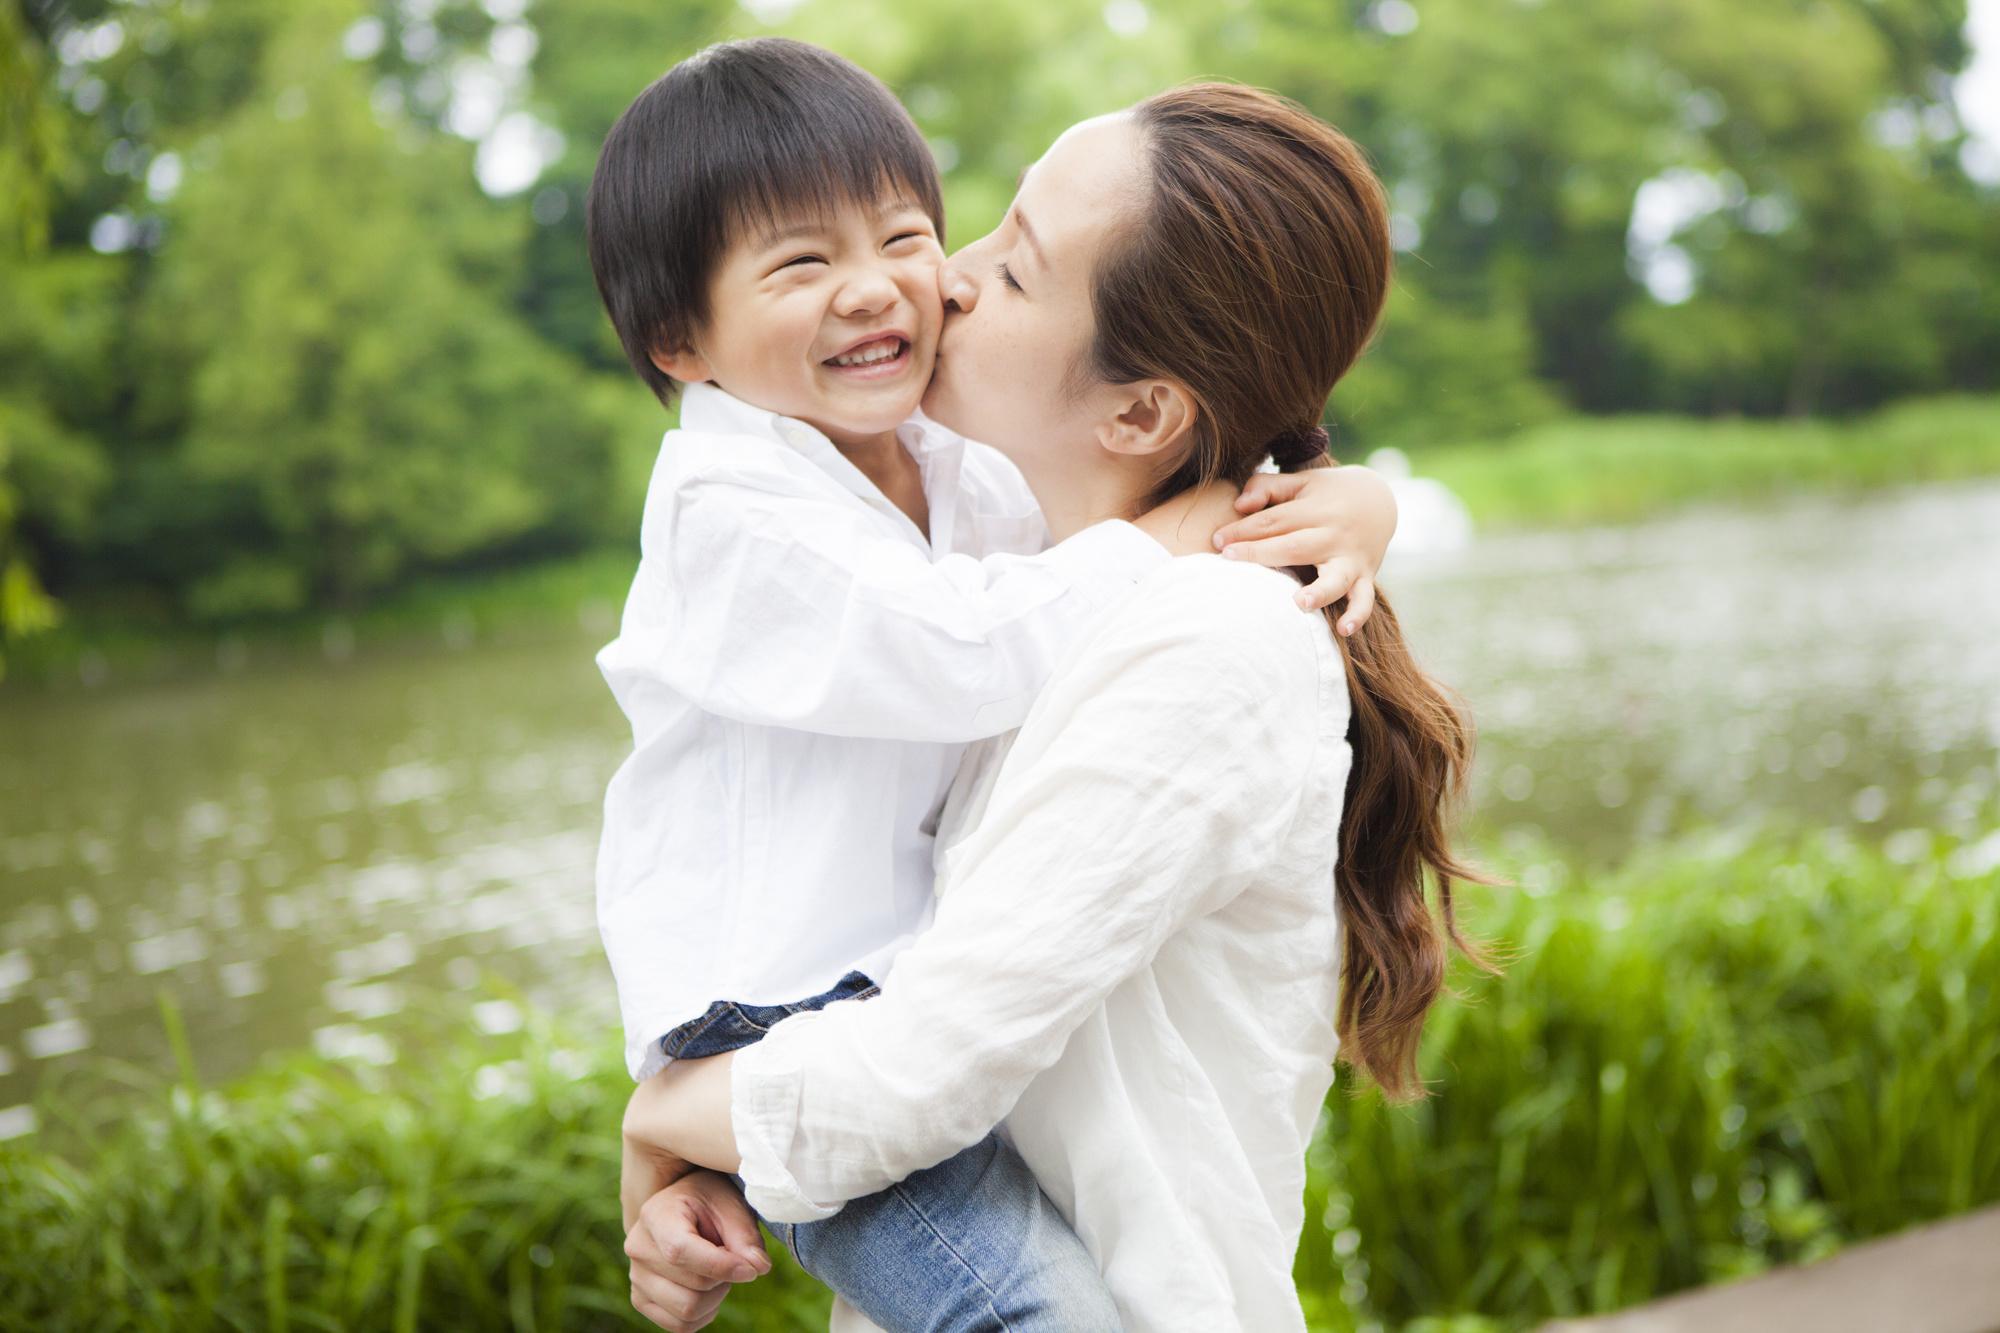 【医師監修】ノロウイルスはキスでもうつる? 感染経路や予防・対処法を知っておこう